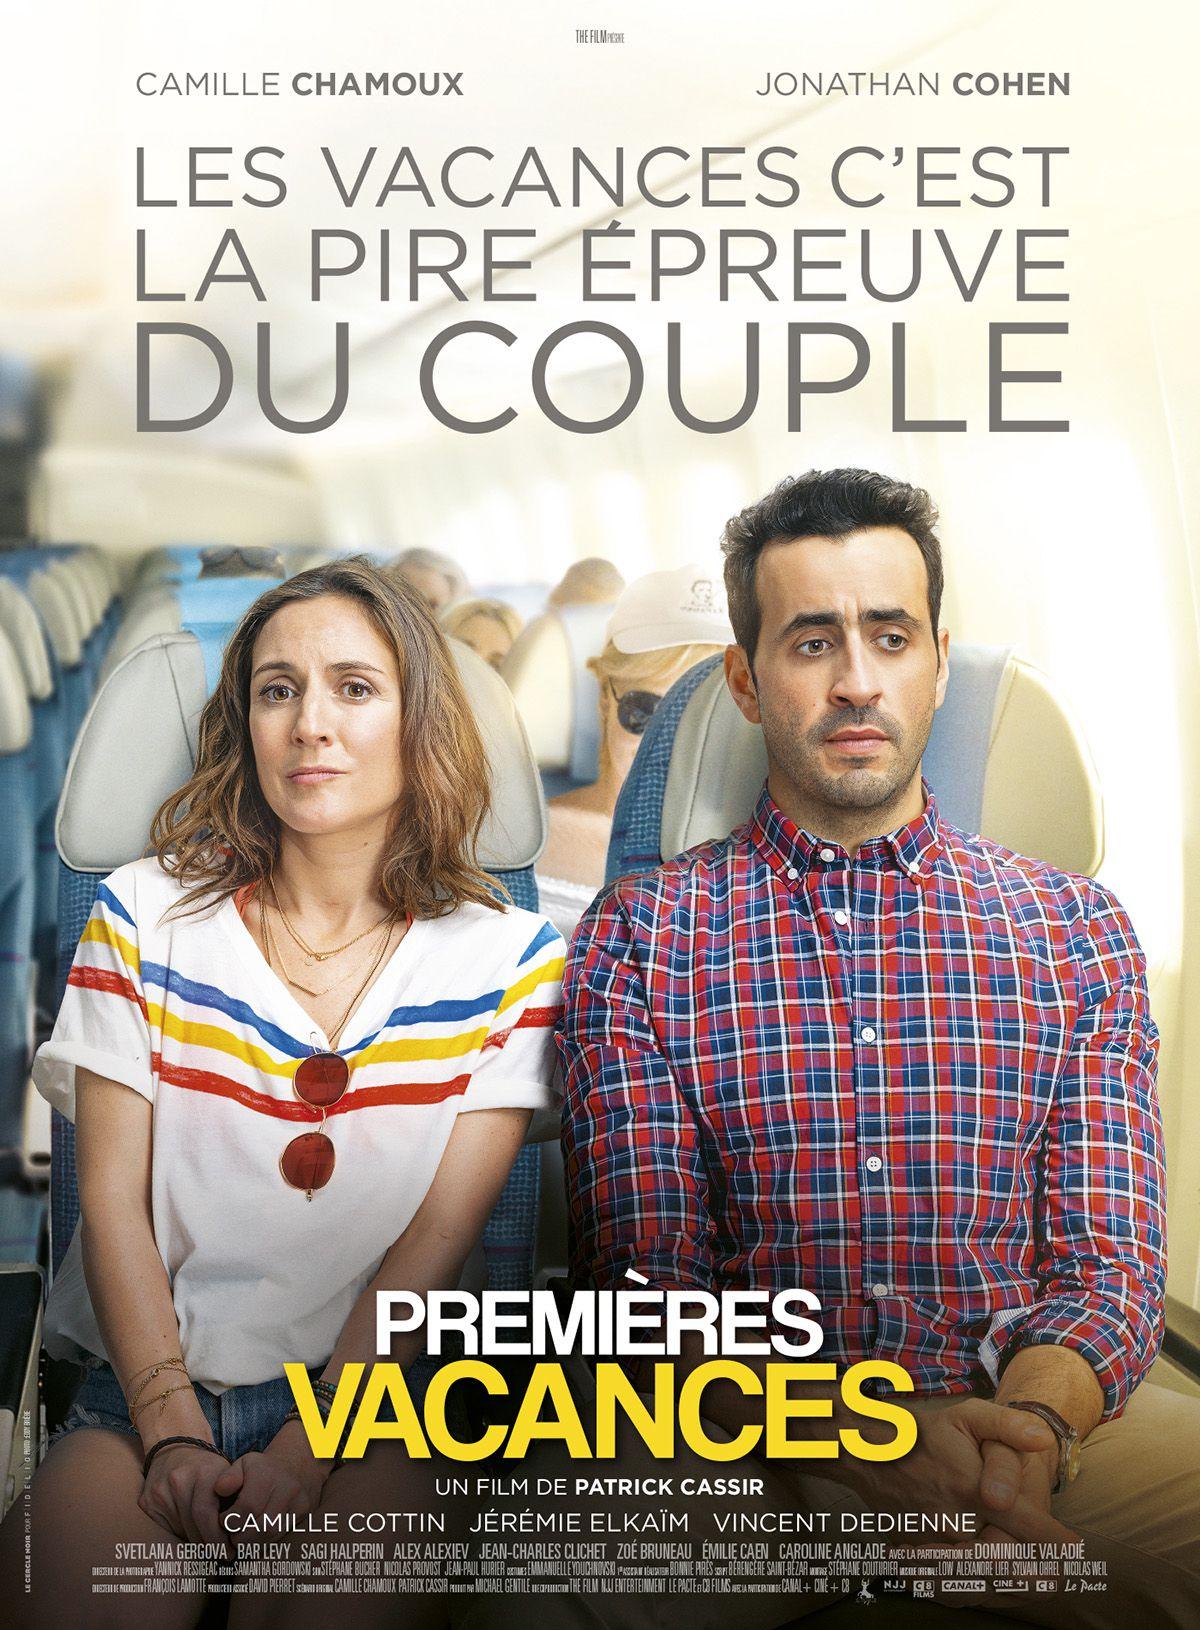 Premières vacances - Film (2019)